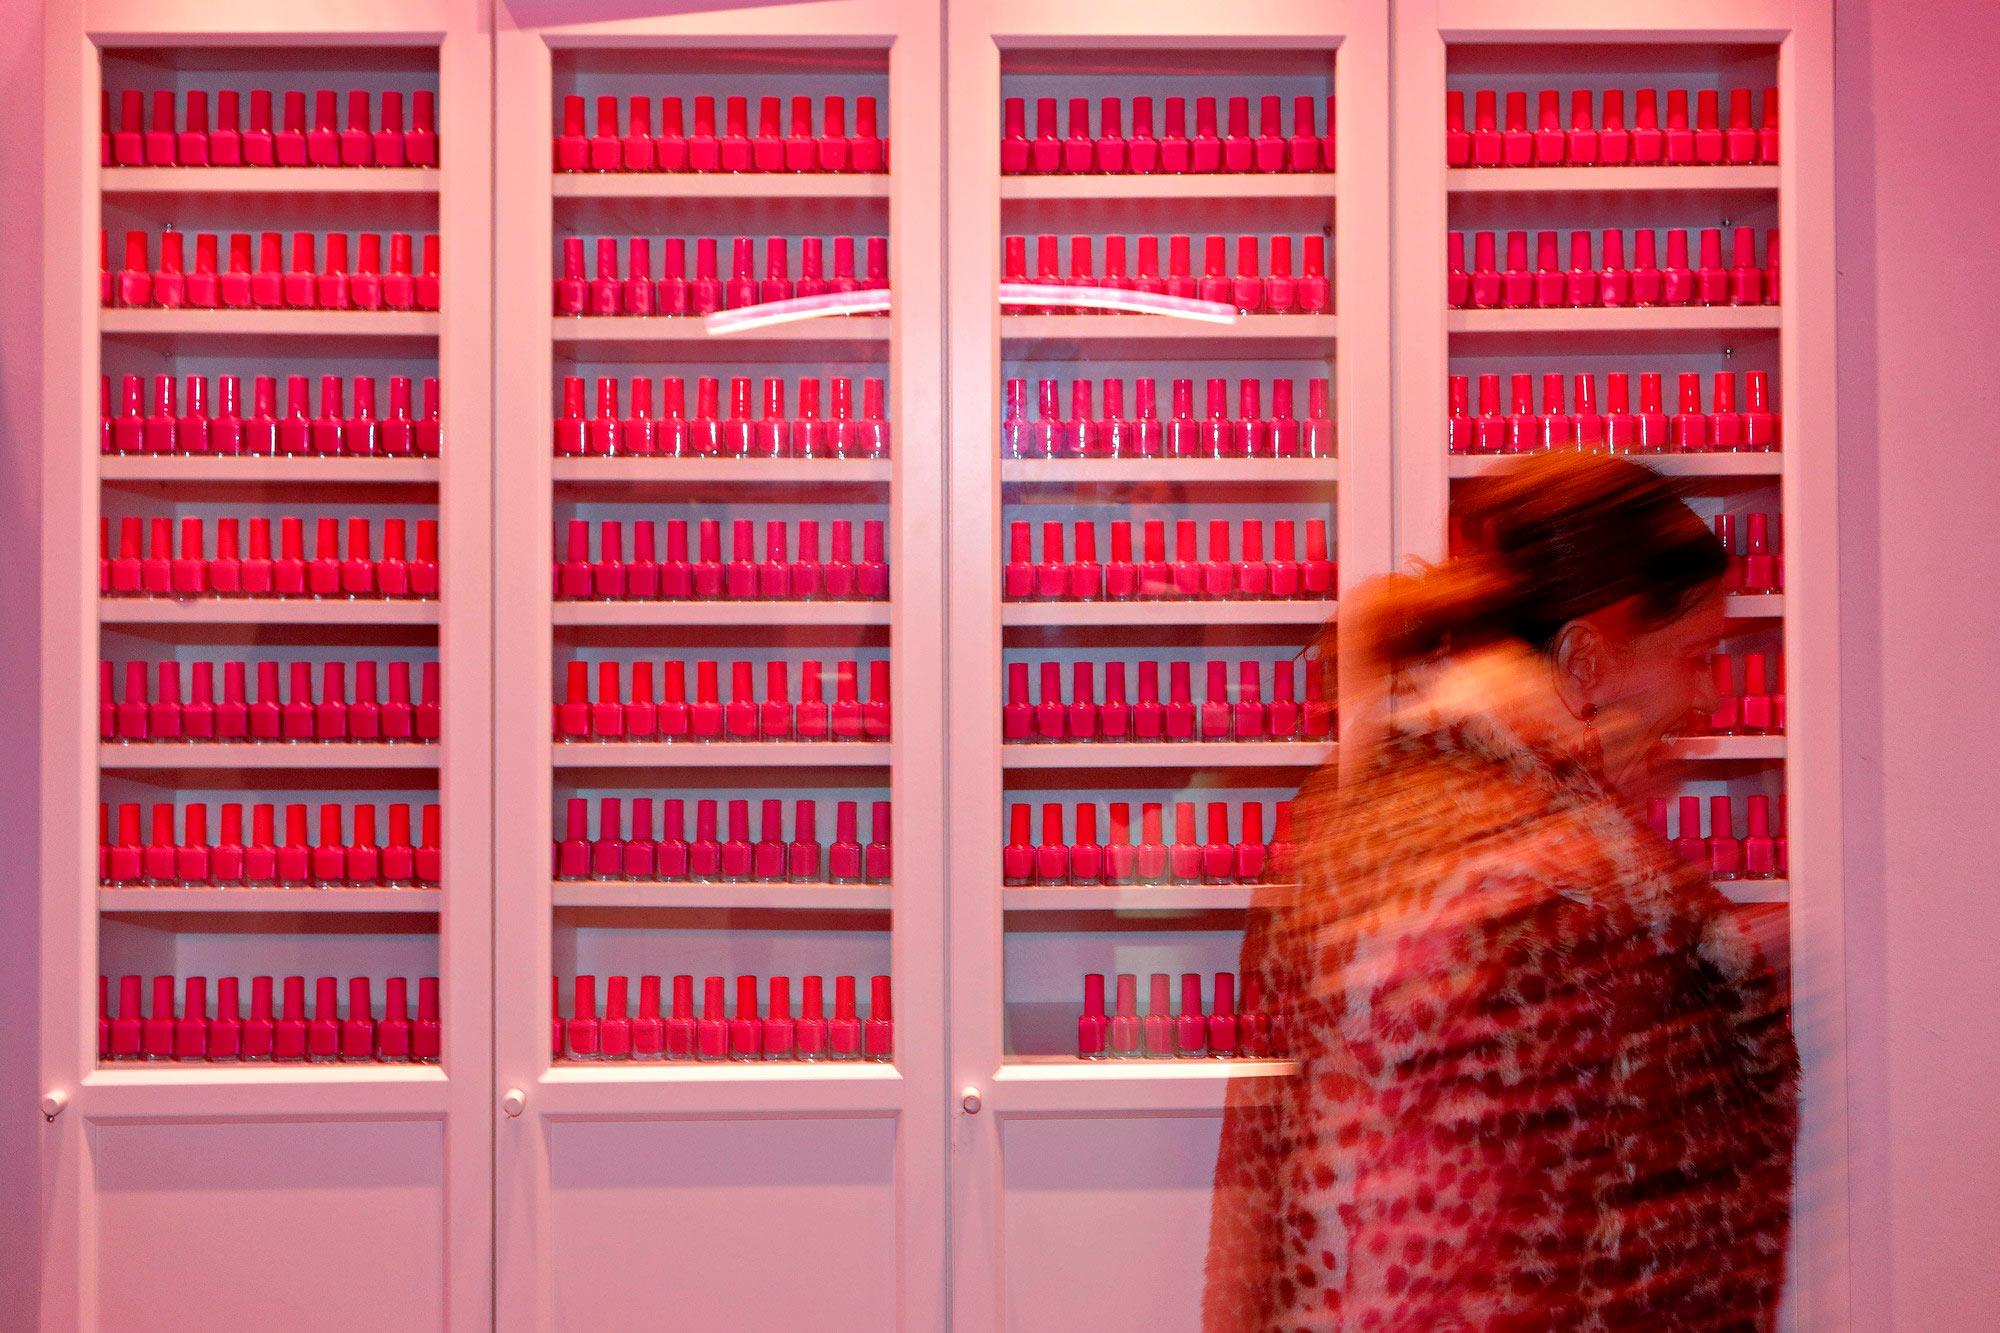 El vestíbulo está repleto de botes de esmalte de uñas bañados en una luz rosa, para deleite de los clientes.